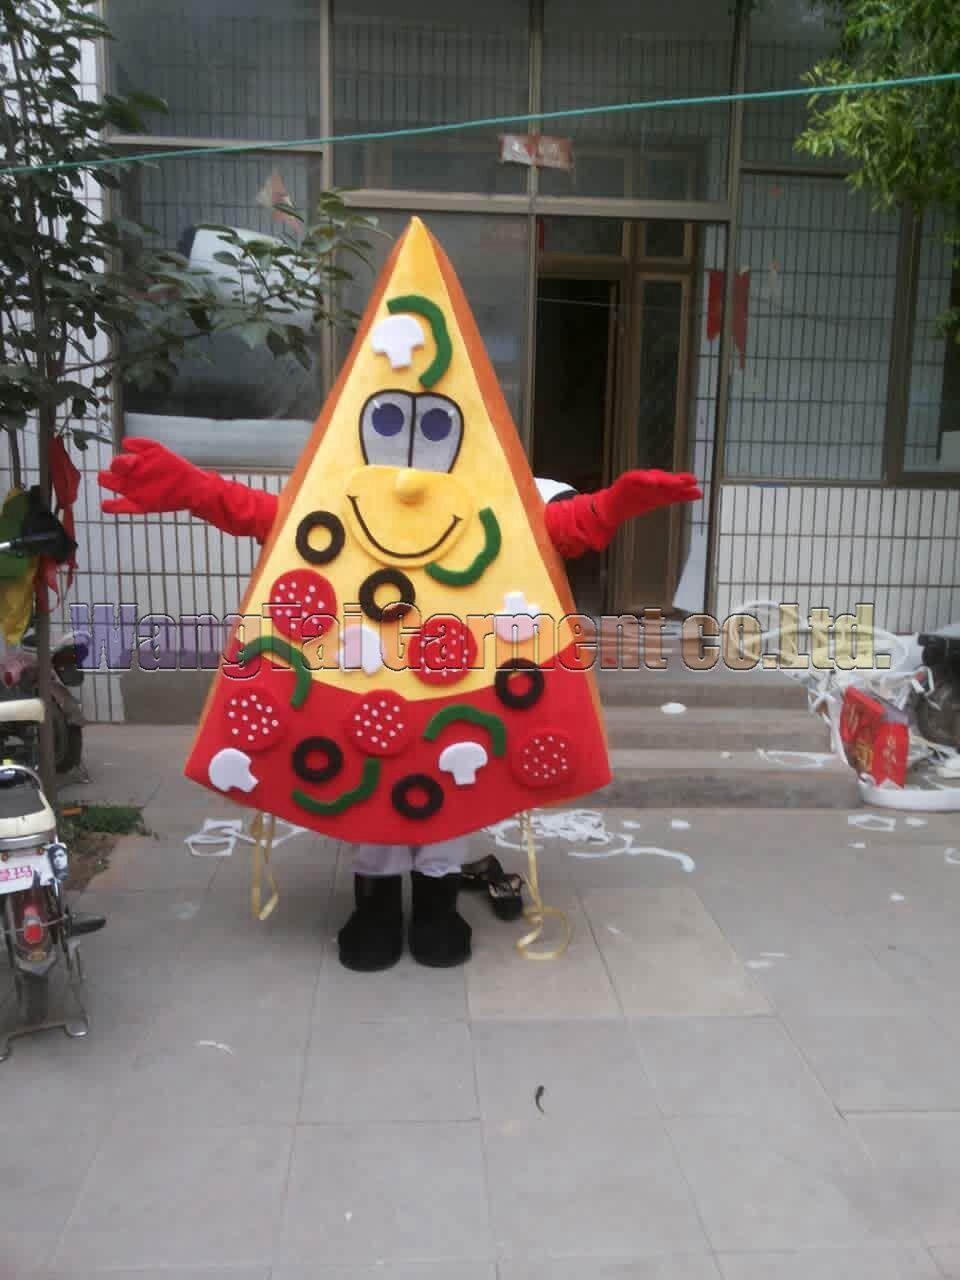 Nouveau Pizza mascotte costumes costume haut grade personnage de bande dessinée de luxe costume de mascotte Pizza soirée costumée carnaval Livraison gratuite